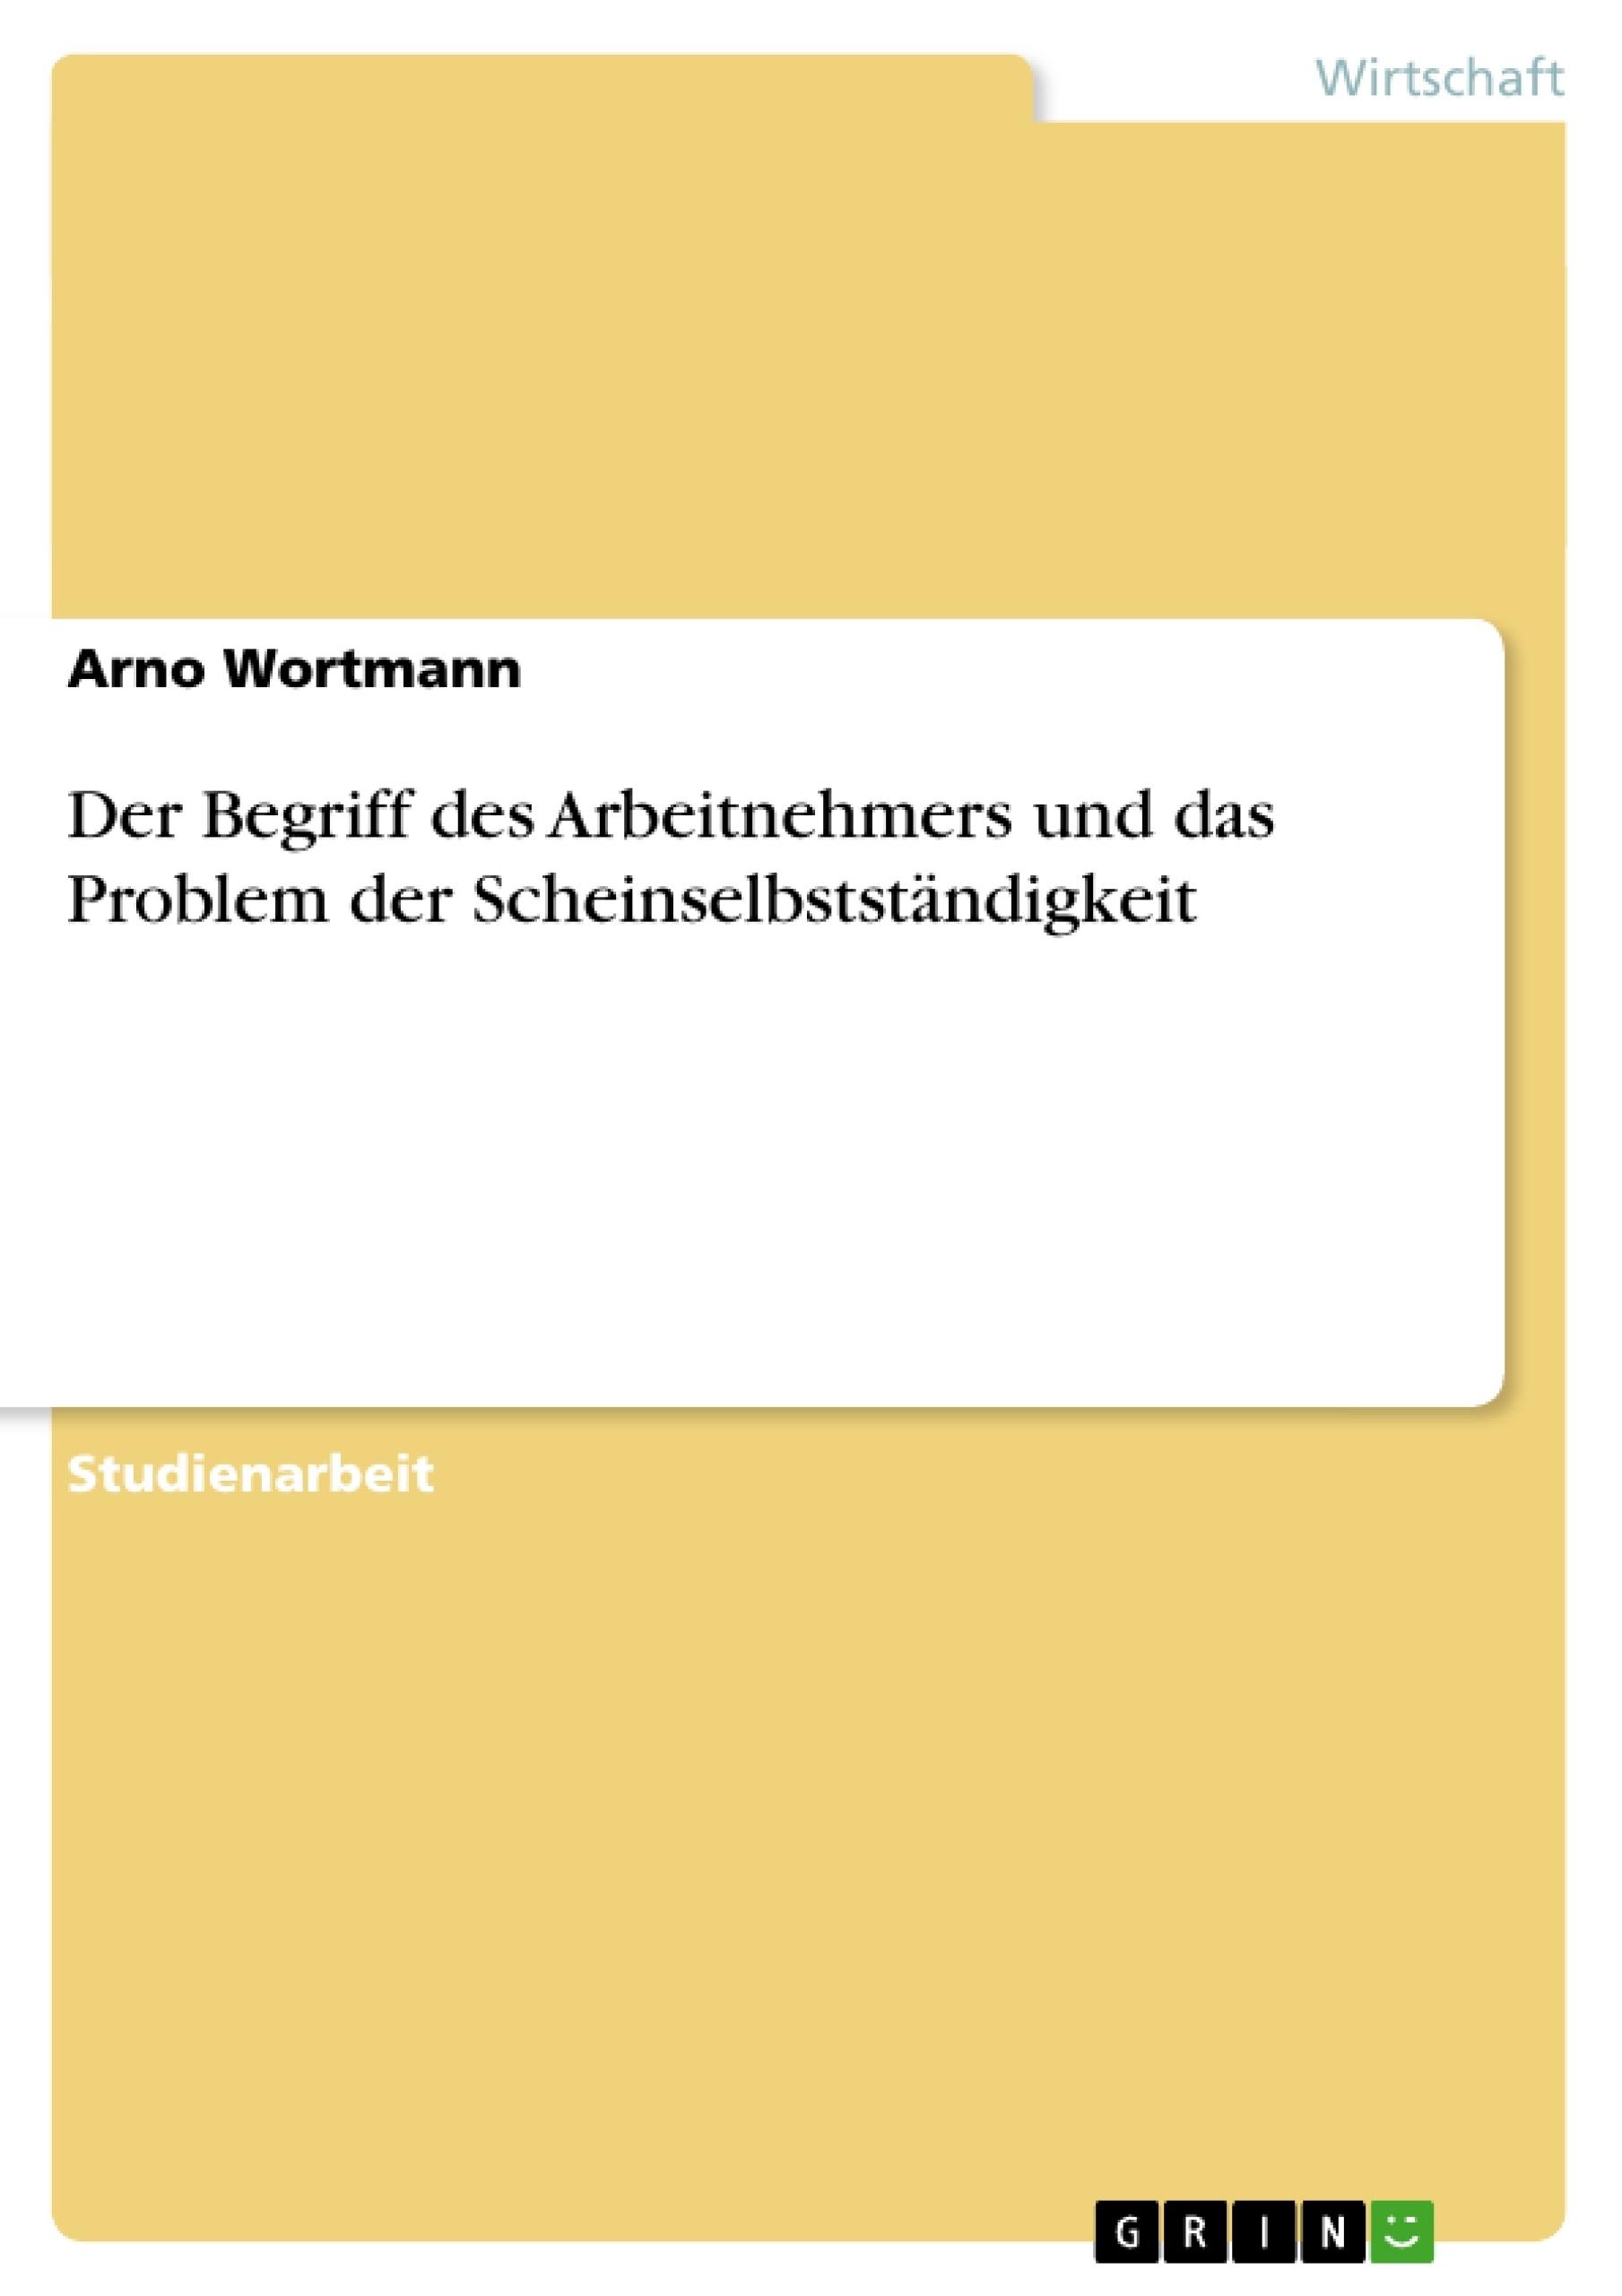 Titel: Der Begriff des Arbeitnehmers und das Problem der Scheinselbstständigkeit